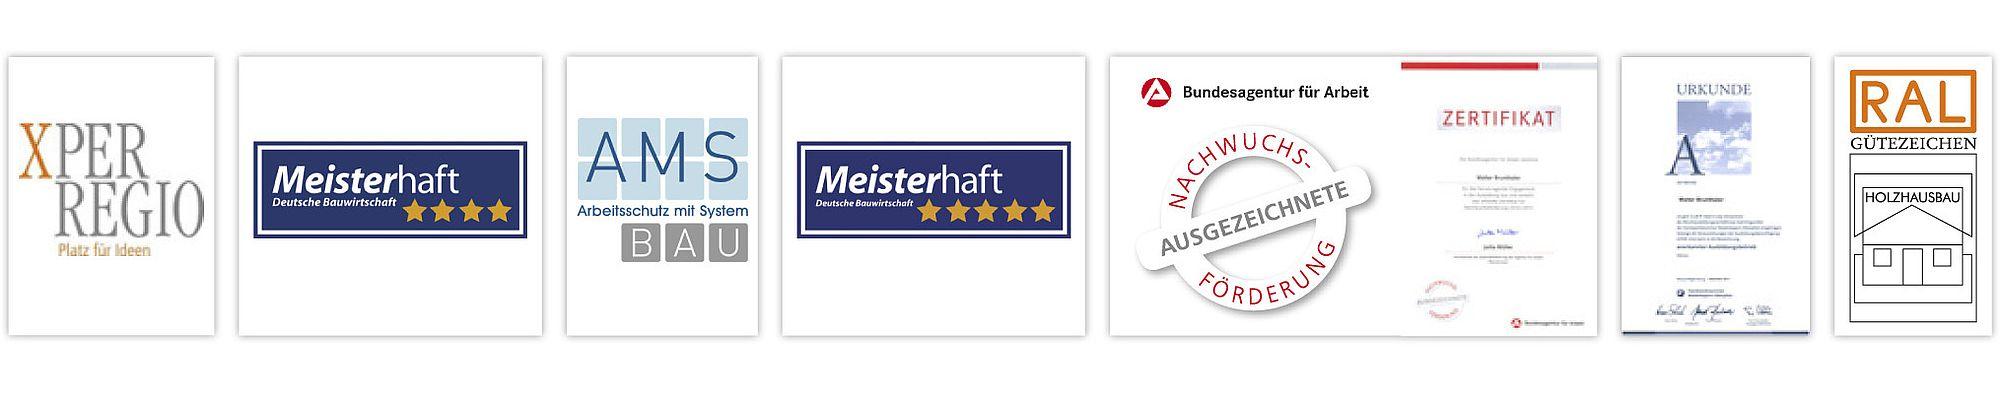 Brunthaler erhält Auszeichnungen zu folgenden Themen: Meisterhaft bauen, Nachwuchsförderung, Arbeitsschutz mit System und Xper Regio.